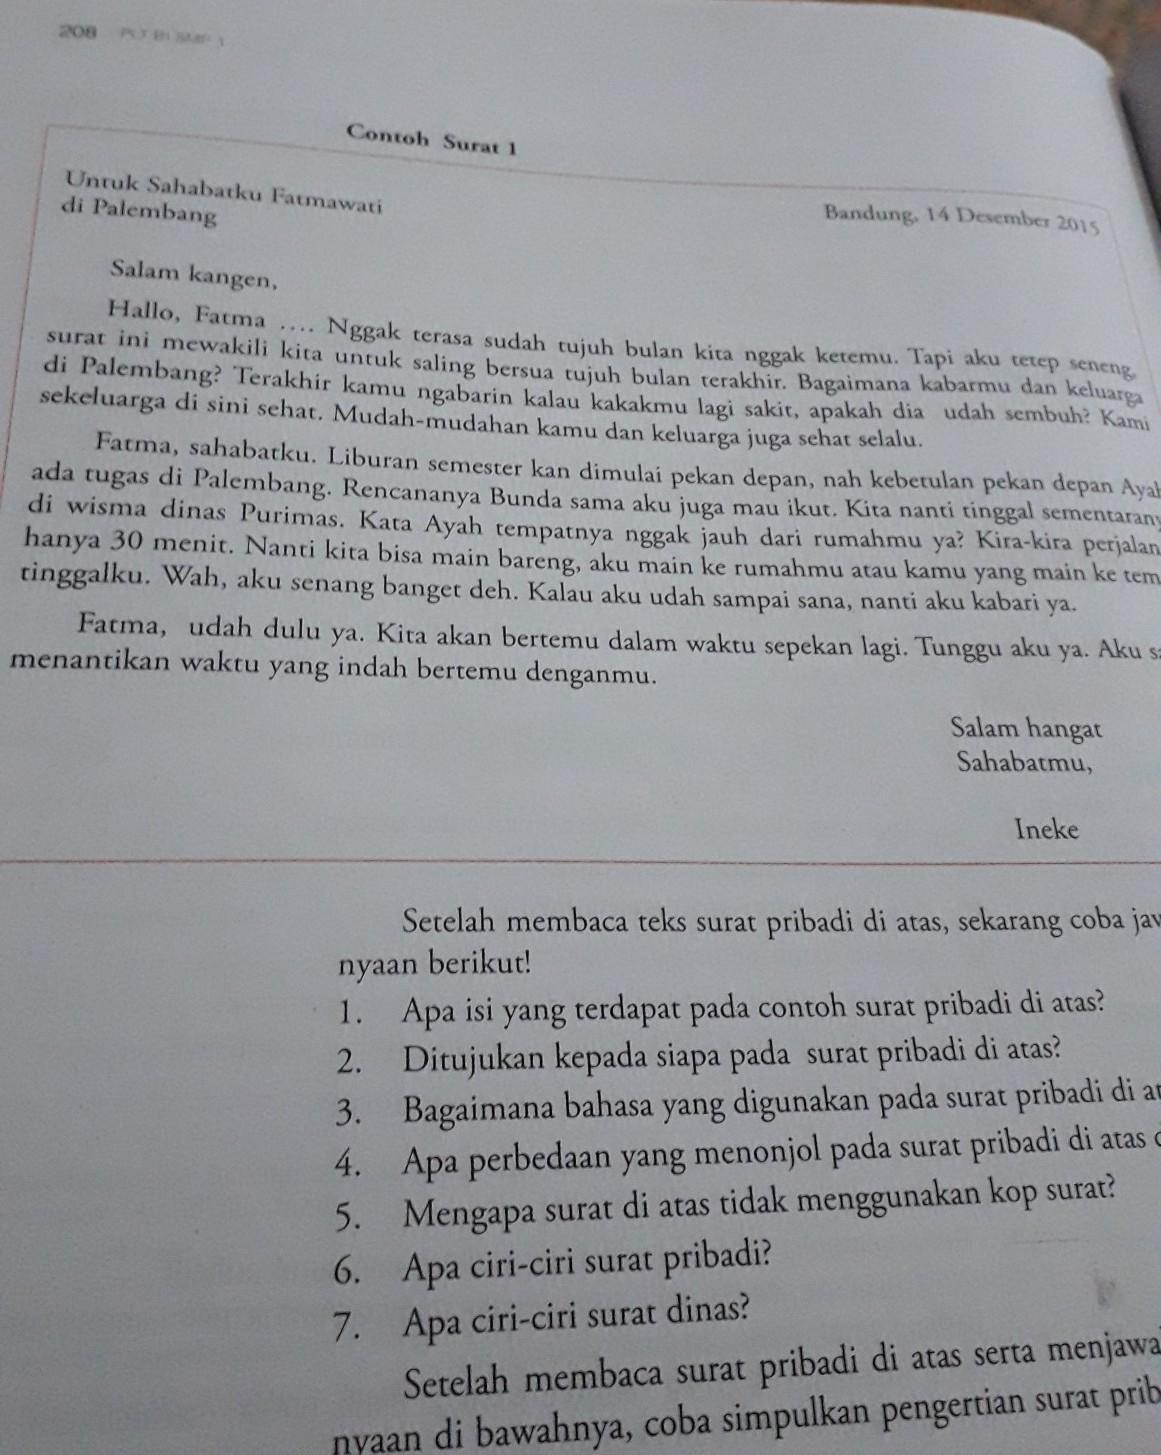 1 Apa Isi Yang Terdapat Pada Contoh Surat Pribadi Di Atas 2 Ditujukan Kepada Siapa Pada Surat Brainly Co Id